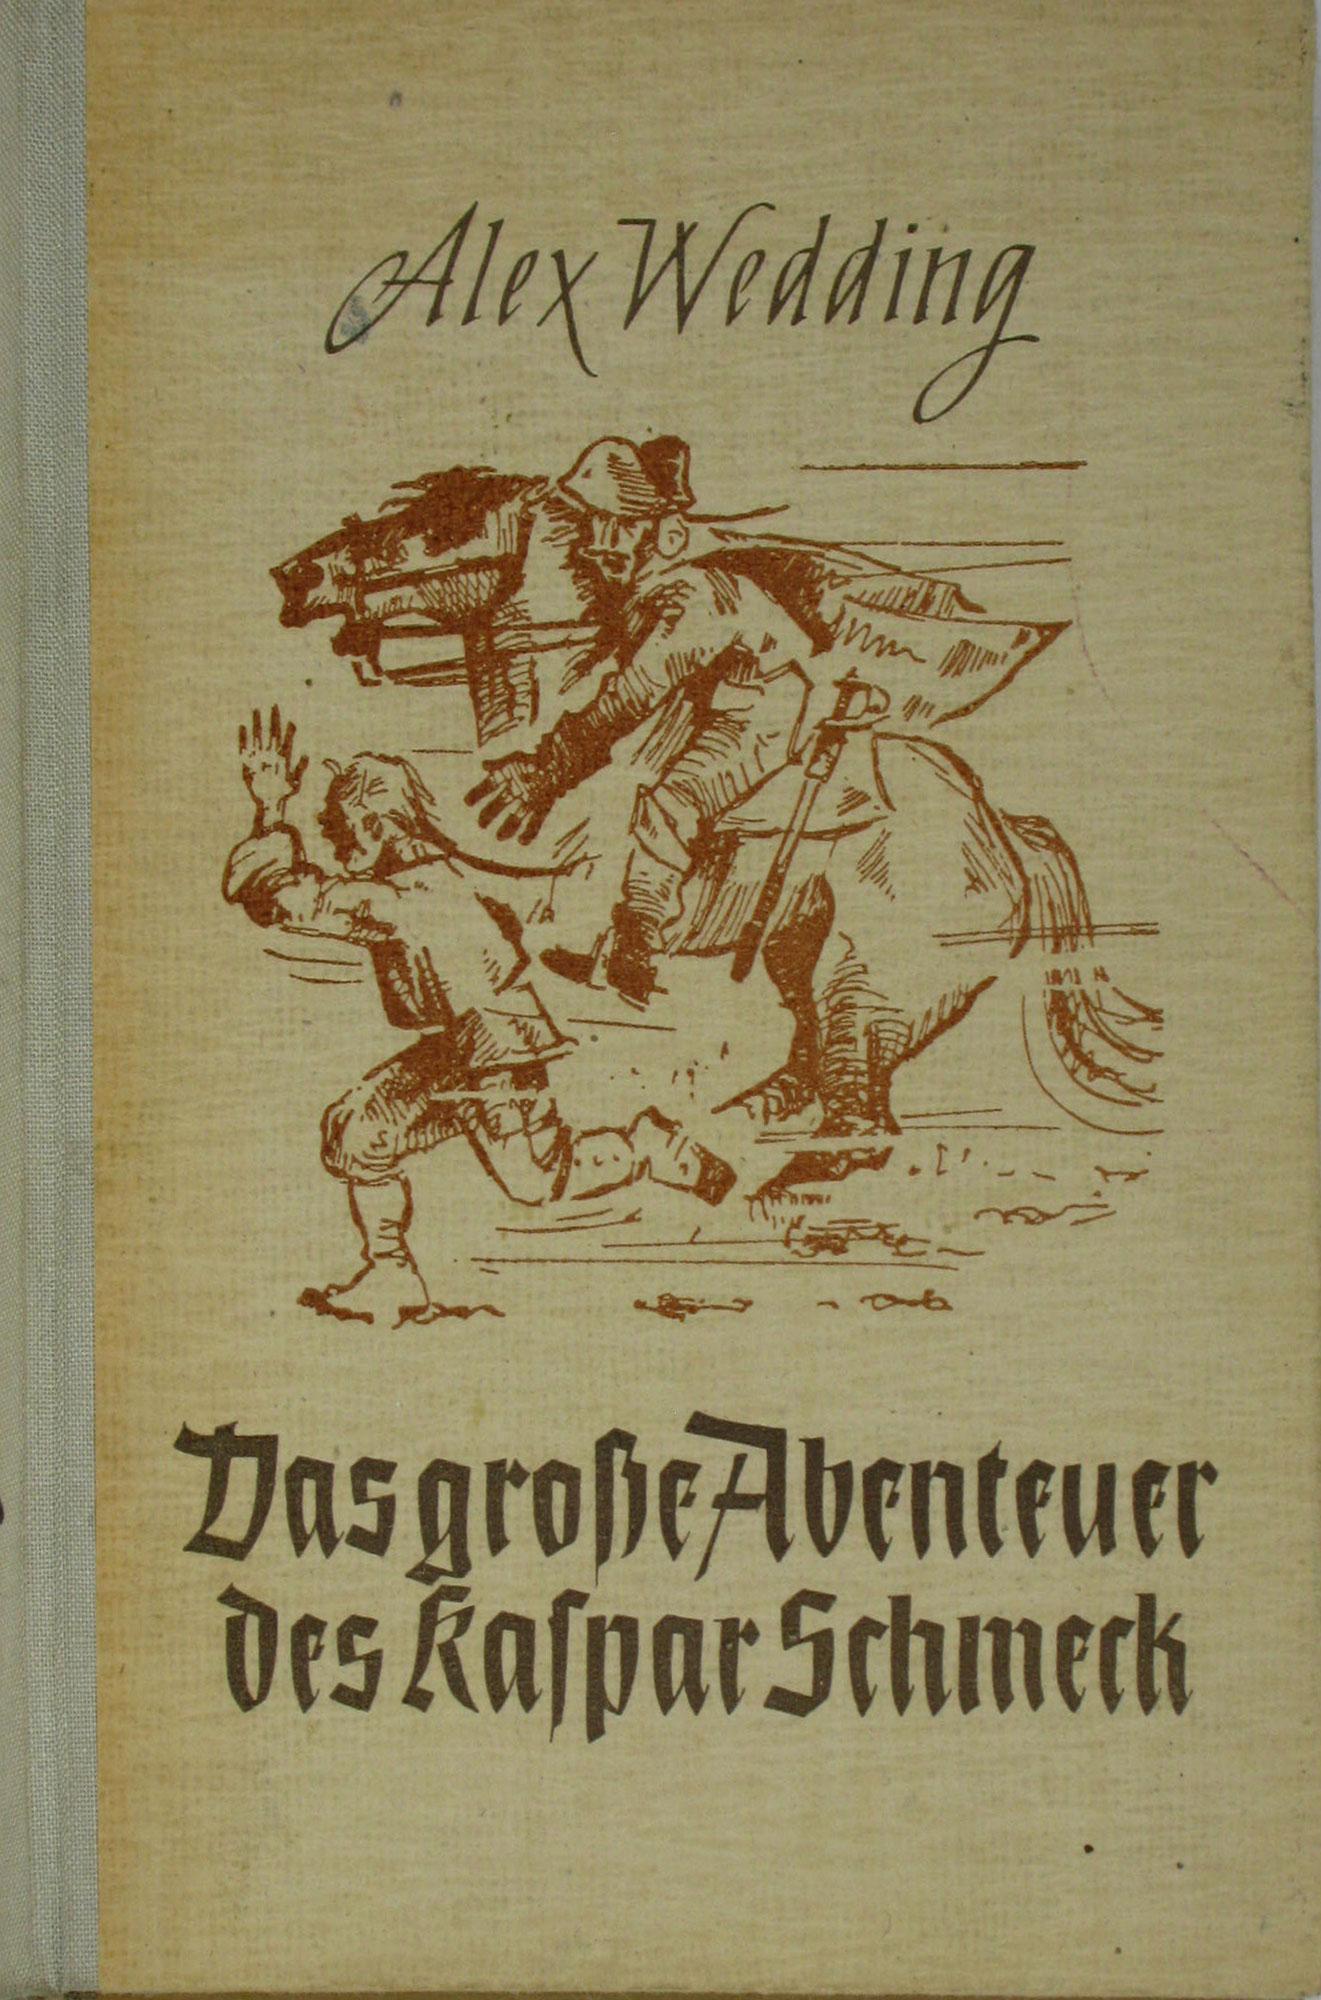 Das große Abenteuer des Kaspar Schmeck,: Wedding, Alex: